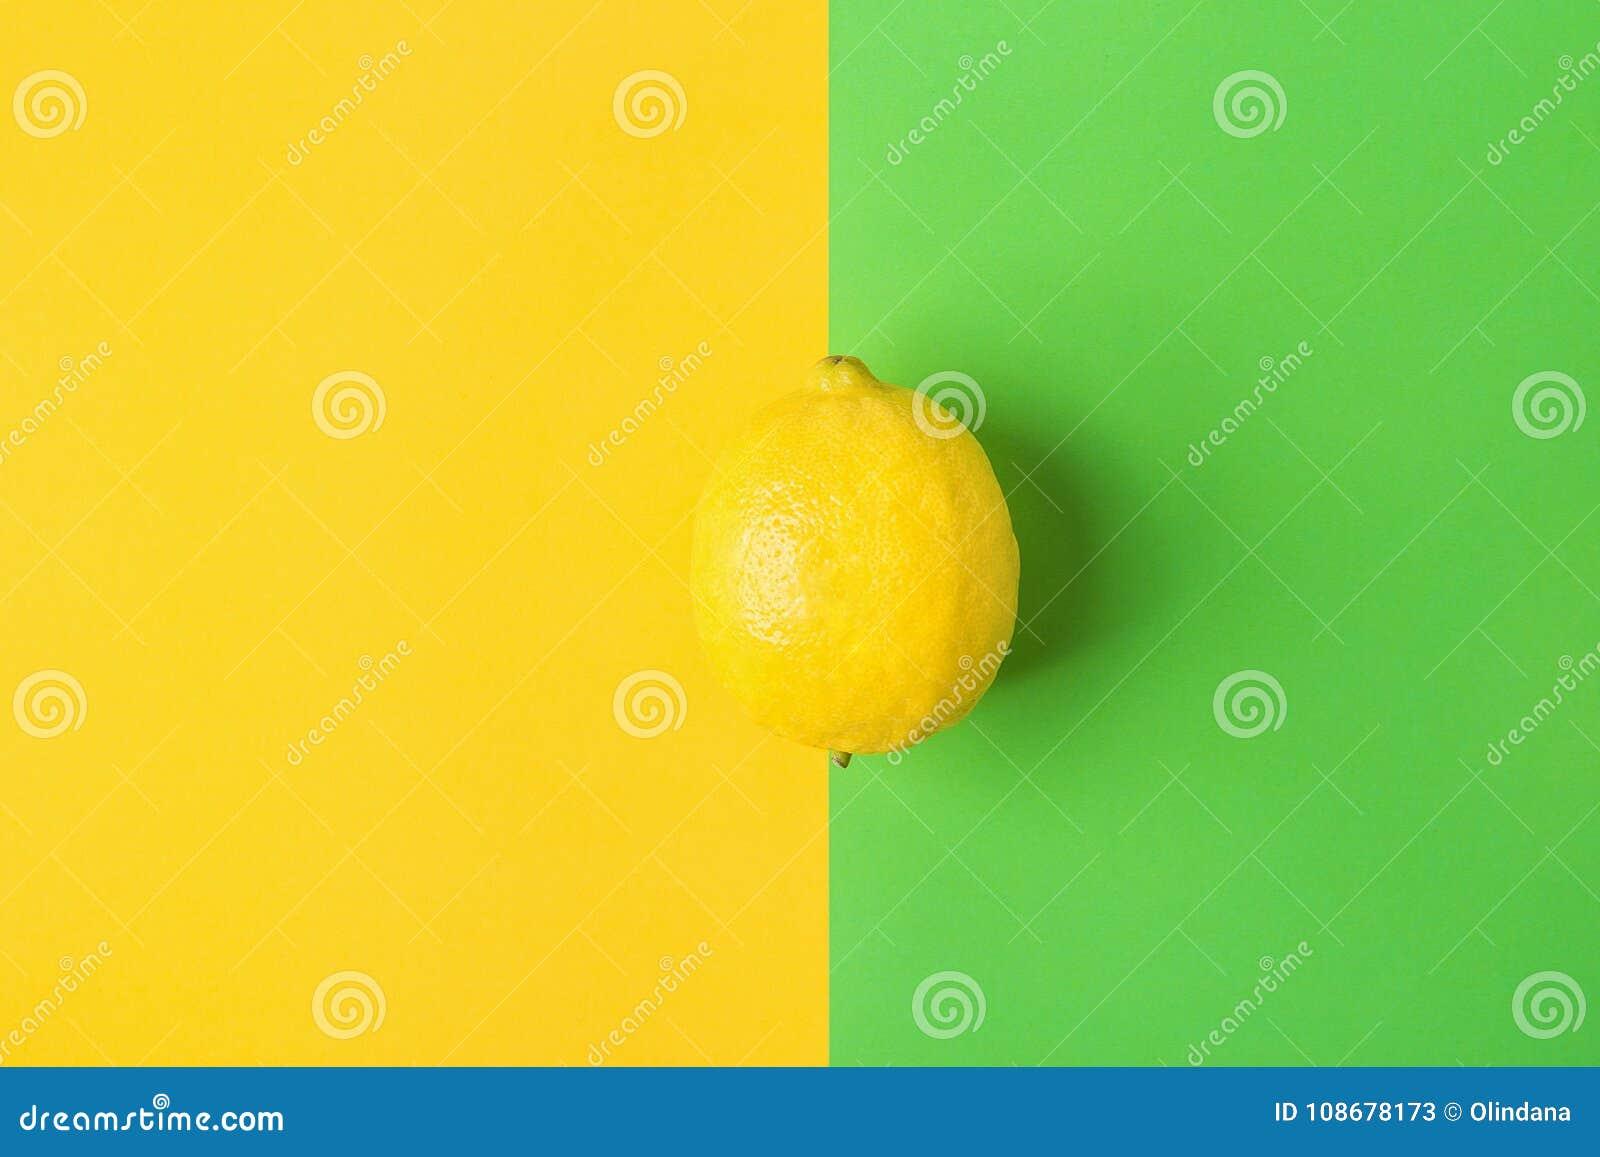 Solo limón maduro brillante en fondo del contraste de la combinación de colores verdes amarillos Imagen creativa diseñada